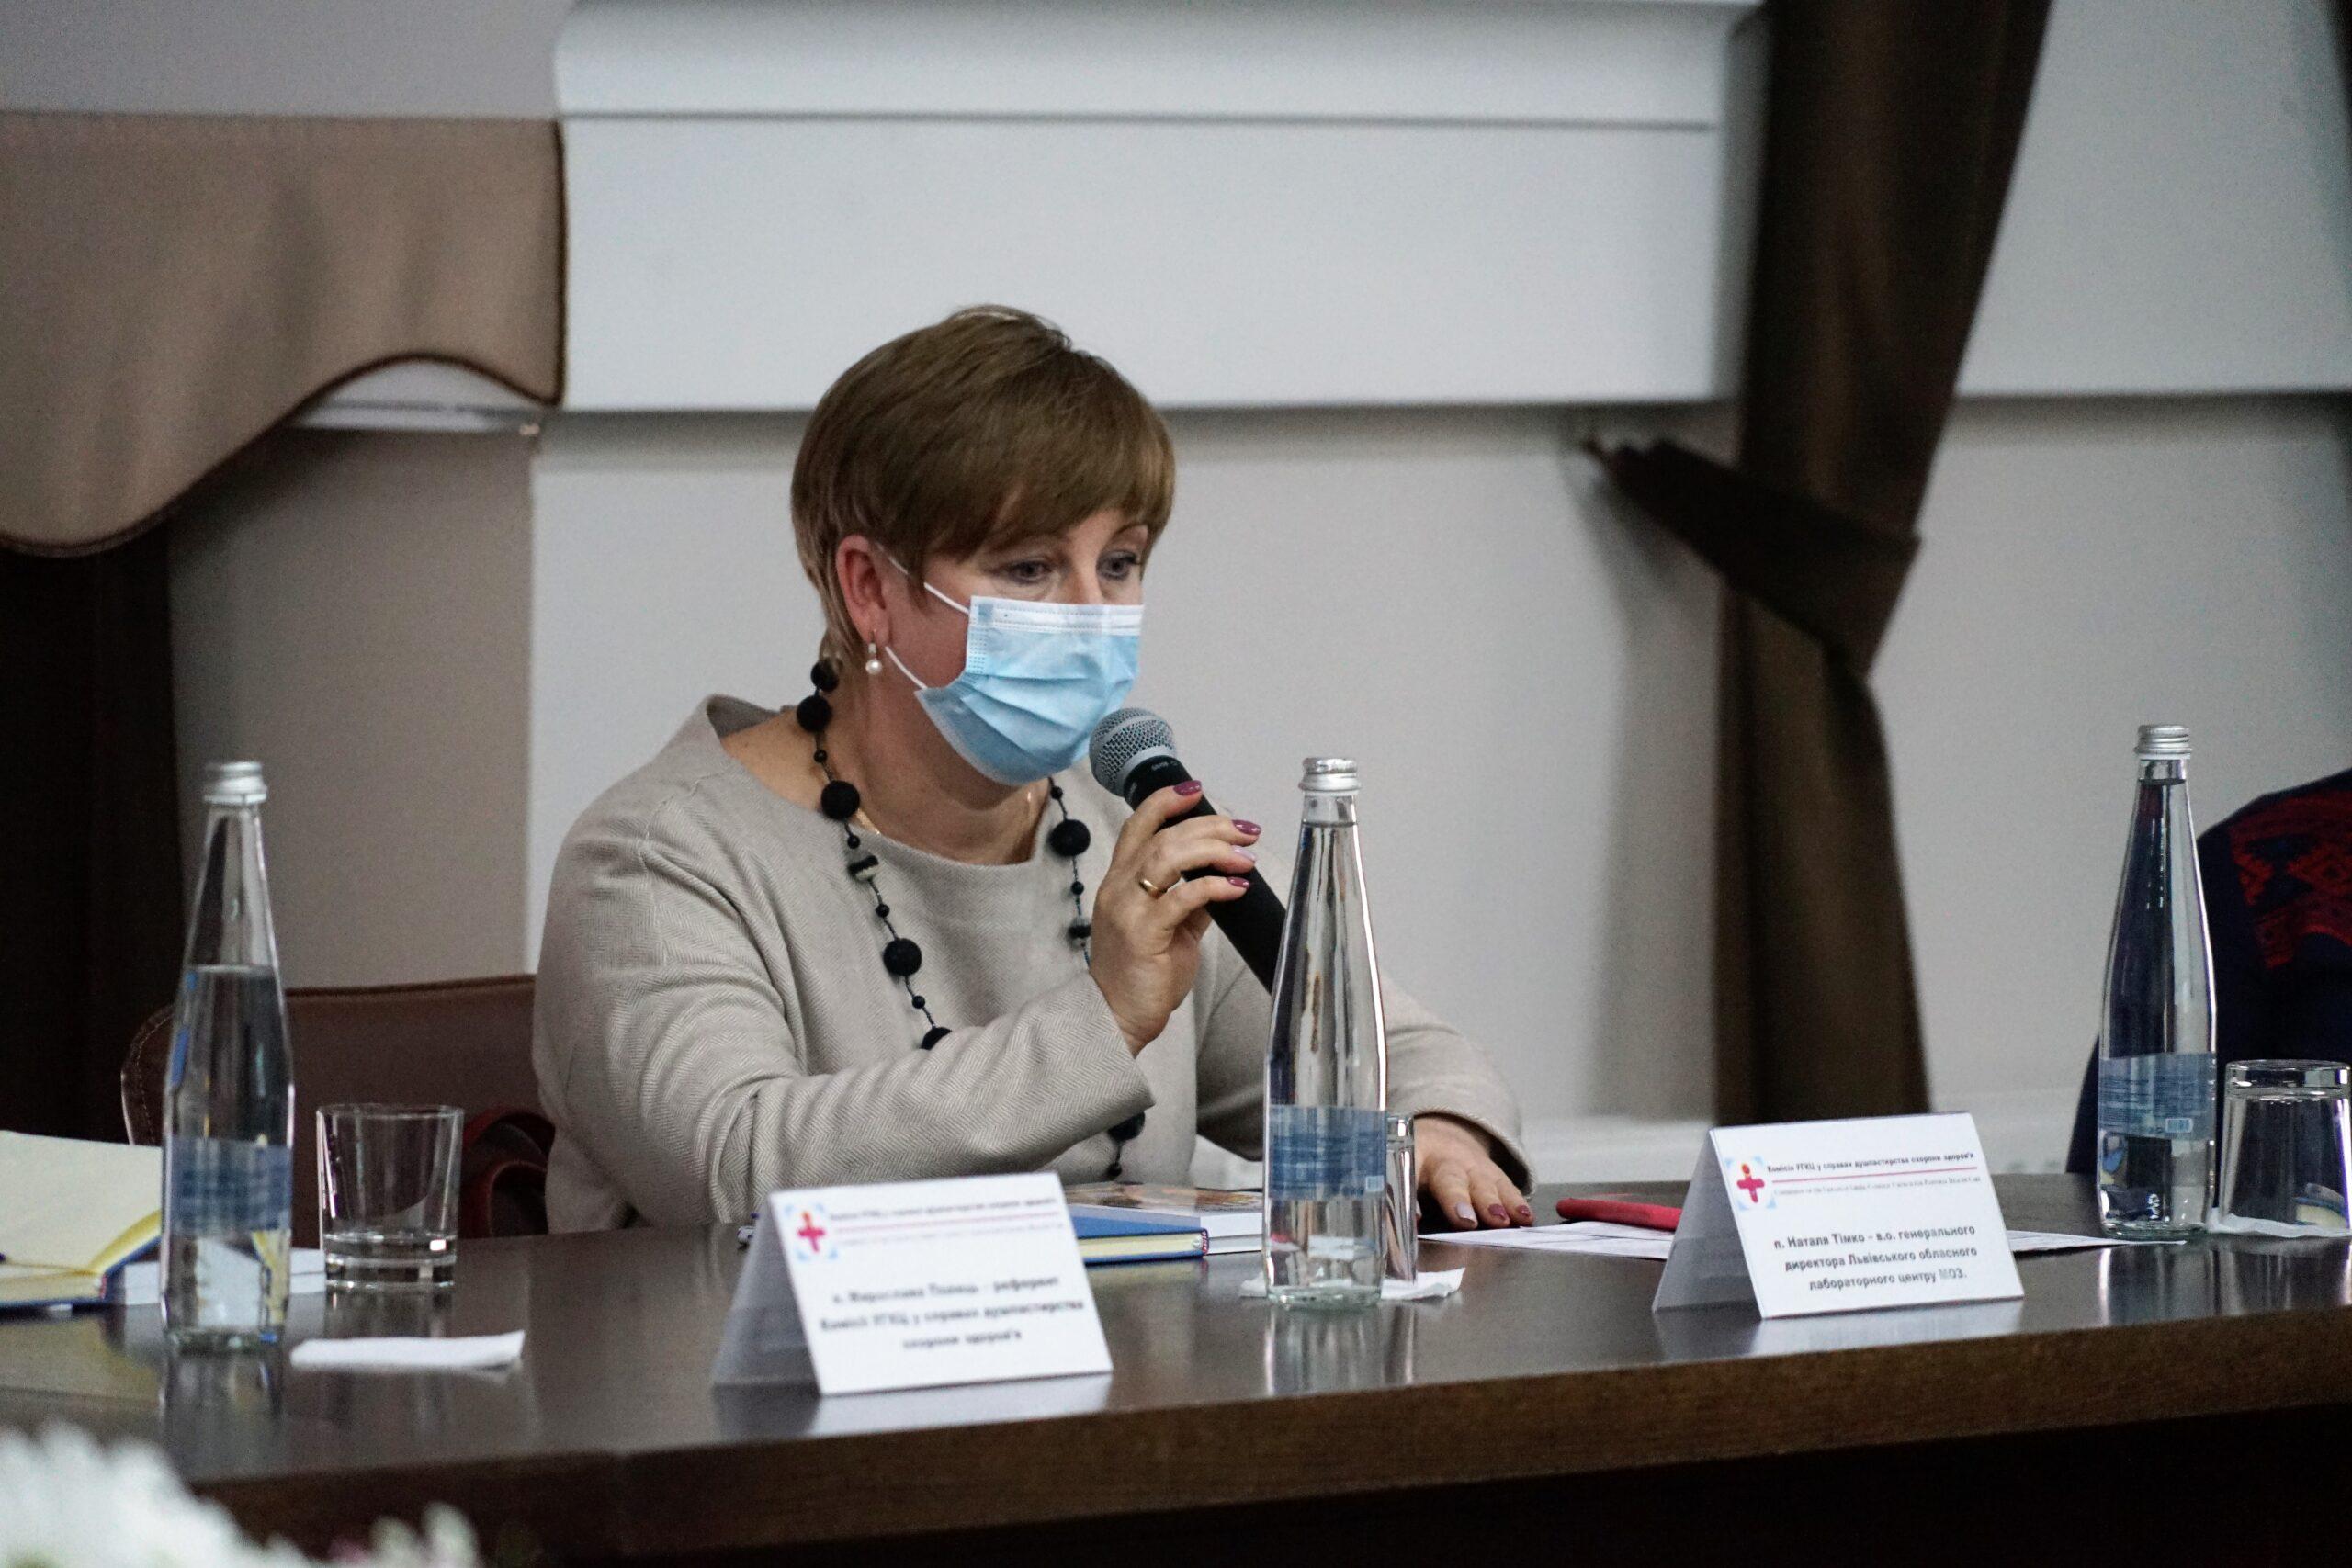 Перспективи розвитку медичного капеланства в Україні обговорили під час круглого столу у Львові_8